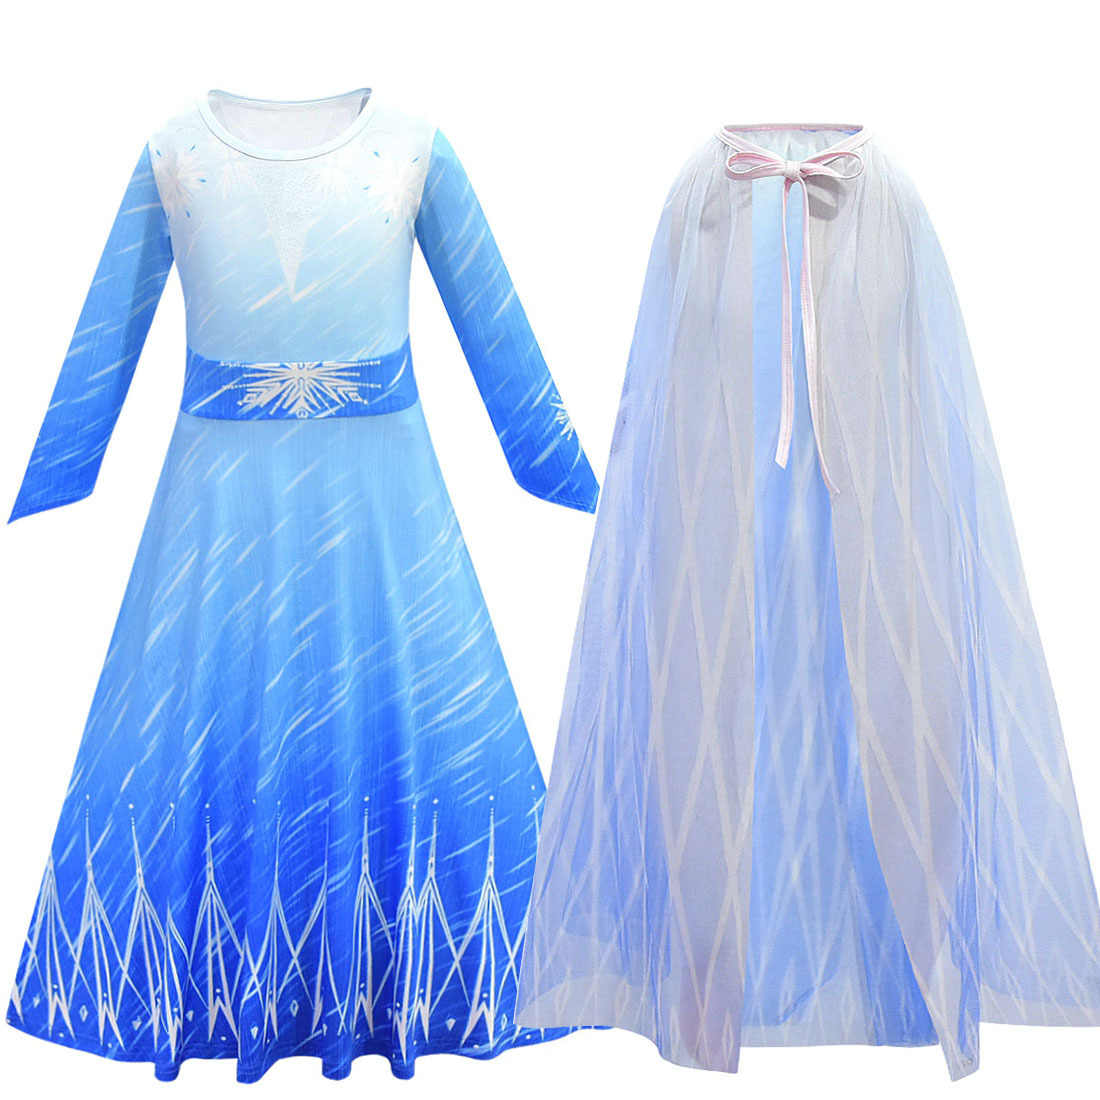 Elsa Jurk Voor Kid Meisjes Prinses Kerstmis Carnaval Party Vestidos Kostuum Fantasia Anime Kind Cosplay Kleding E30K53